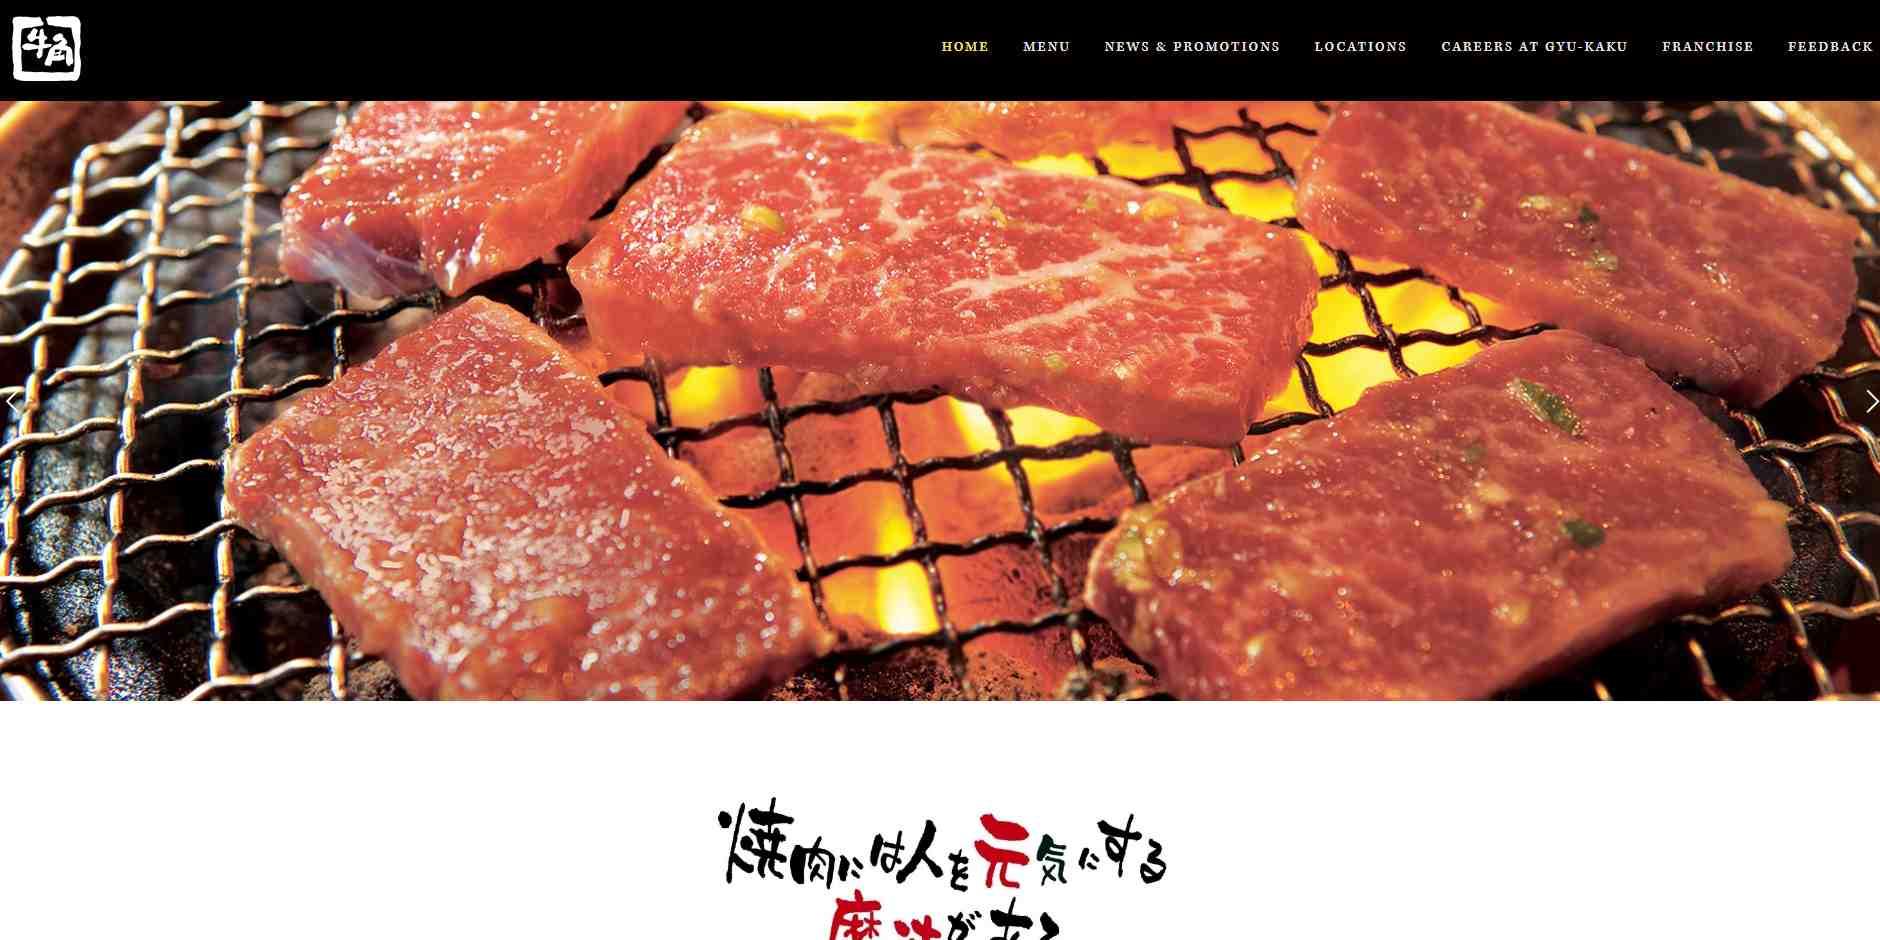 gyu kaku Top Japanese Buffets in Singapore